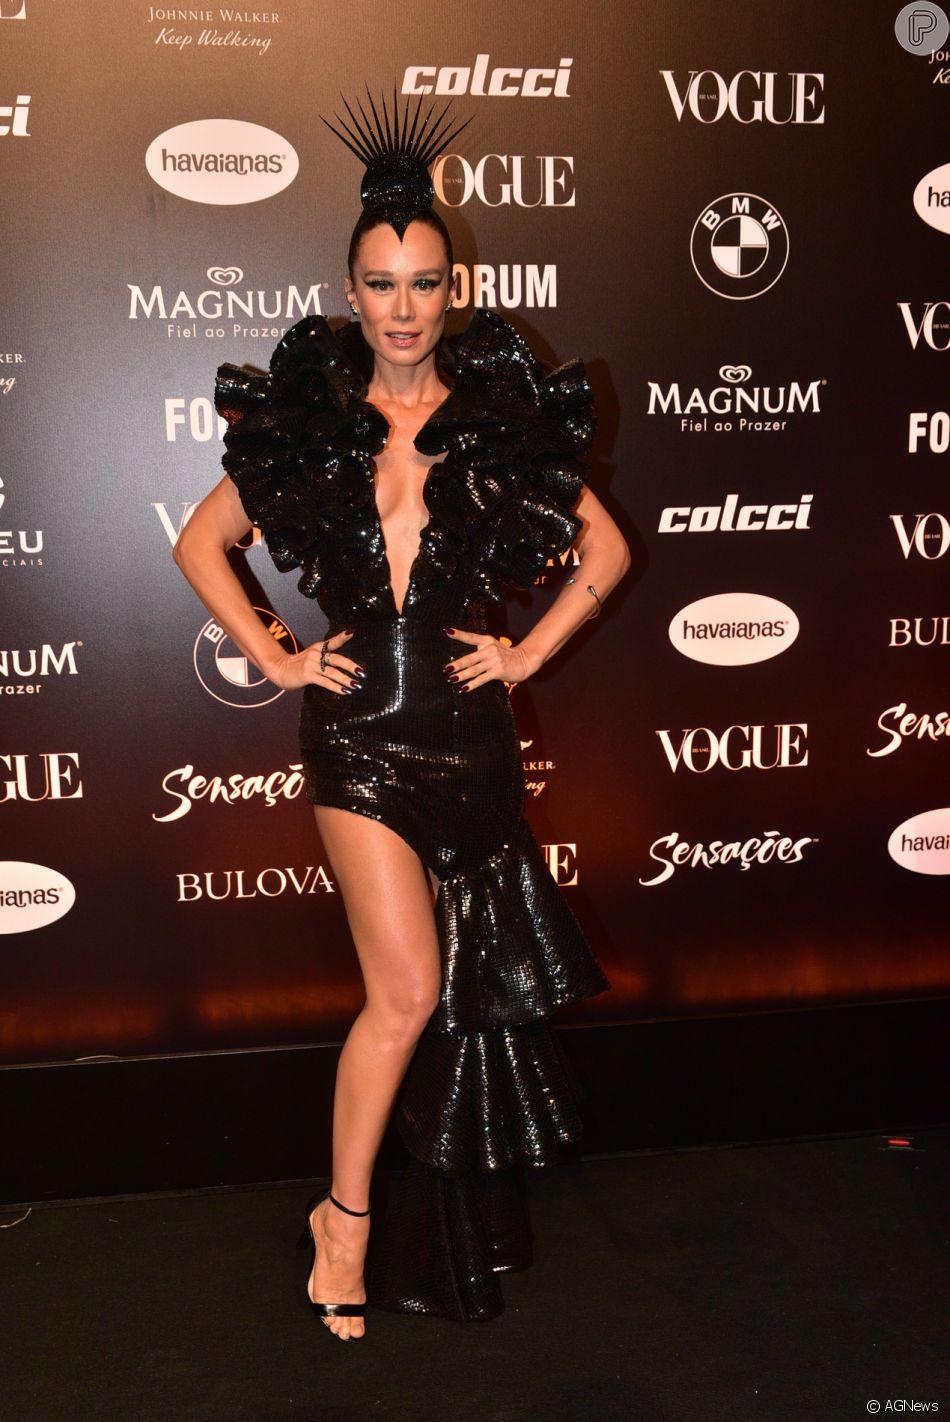 e86abfece846c Baile da Vogue  Vestido longo com muito babados e assimetria da grife  Iorane marcou o look de Mariana Ximenes na festa de gala.